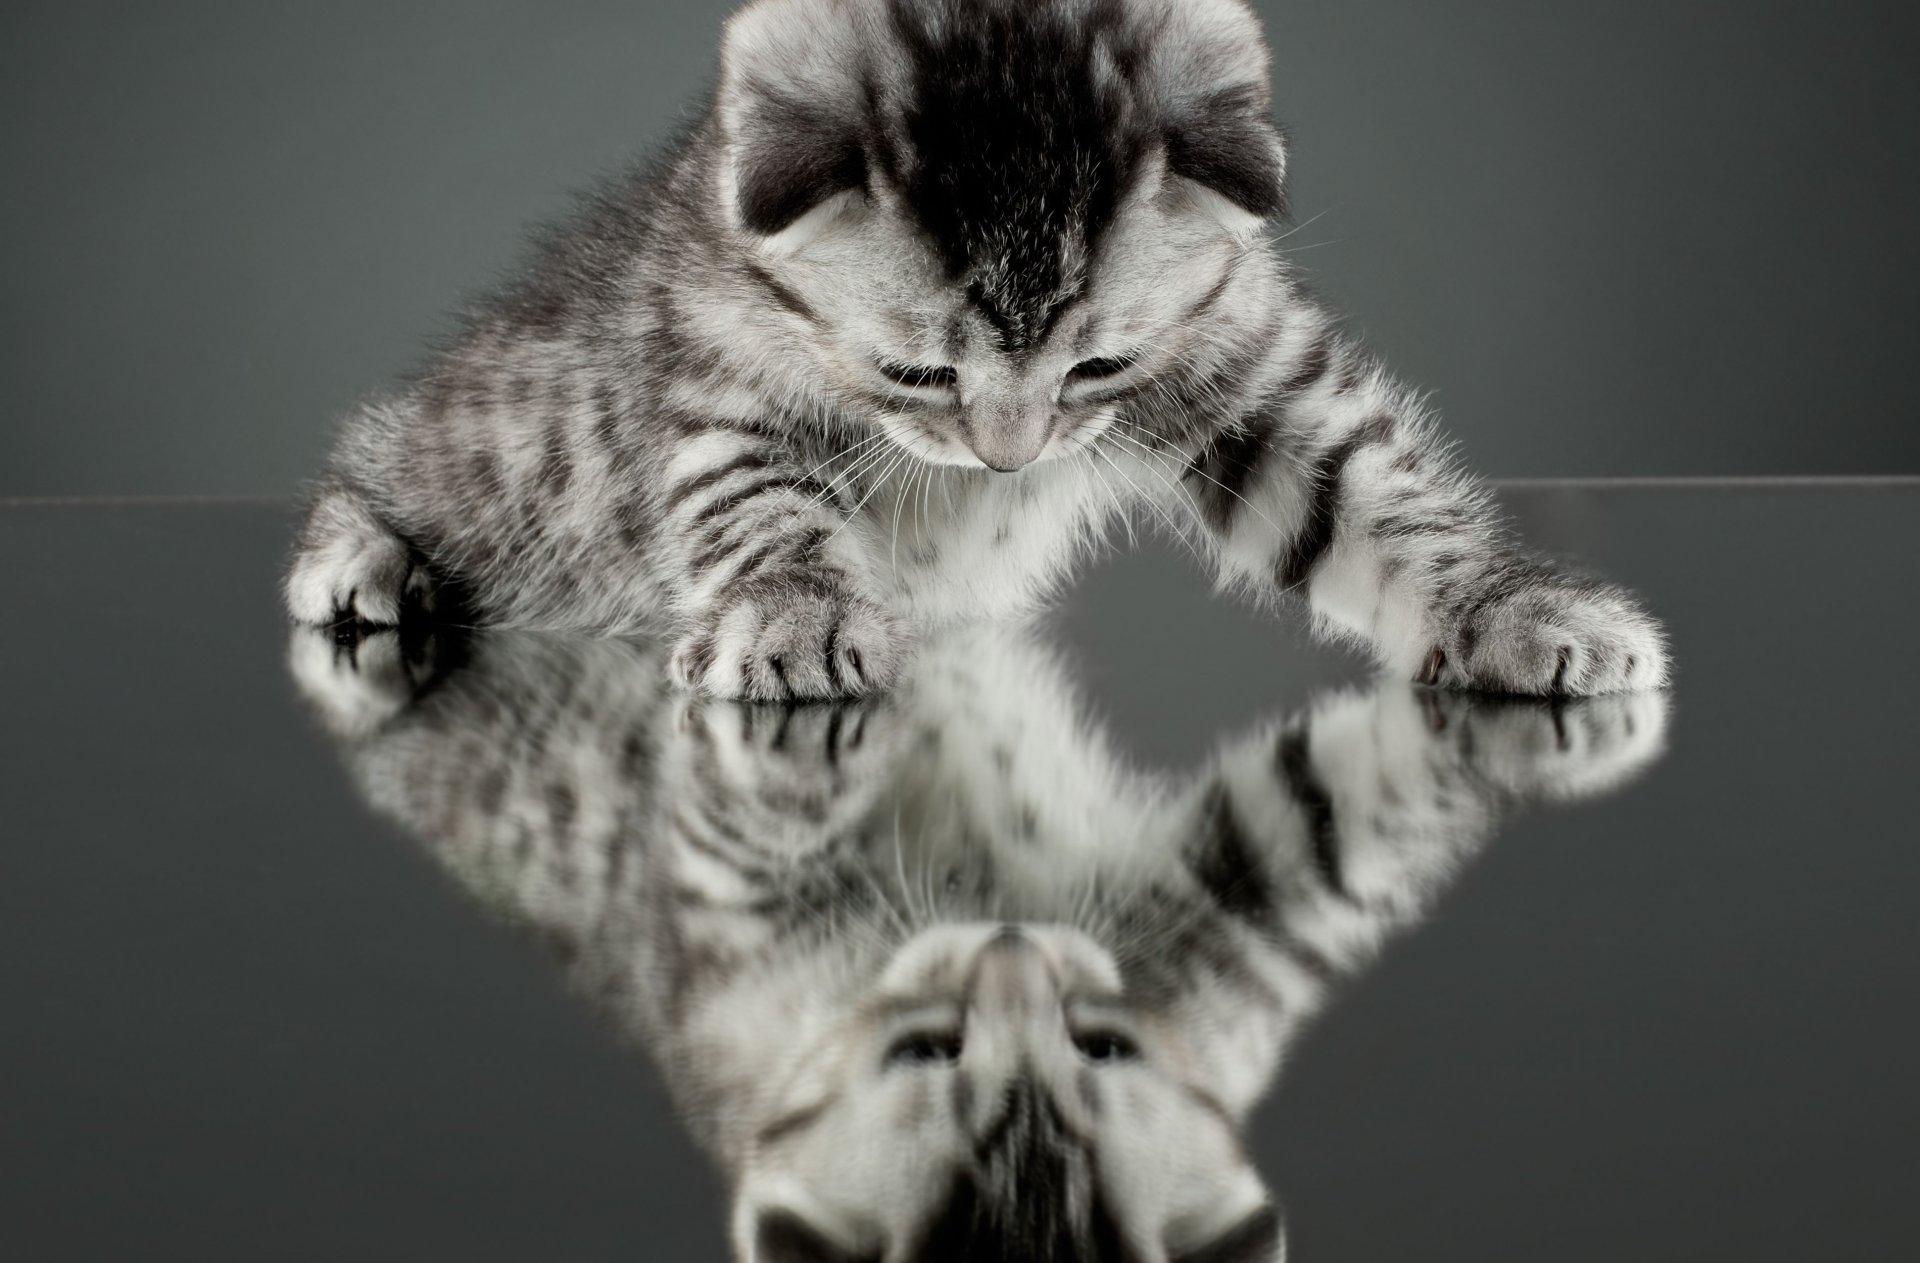 нужно сильно картинки на телефон движущиеся животные кошки твой славный день